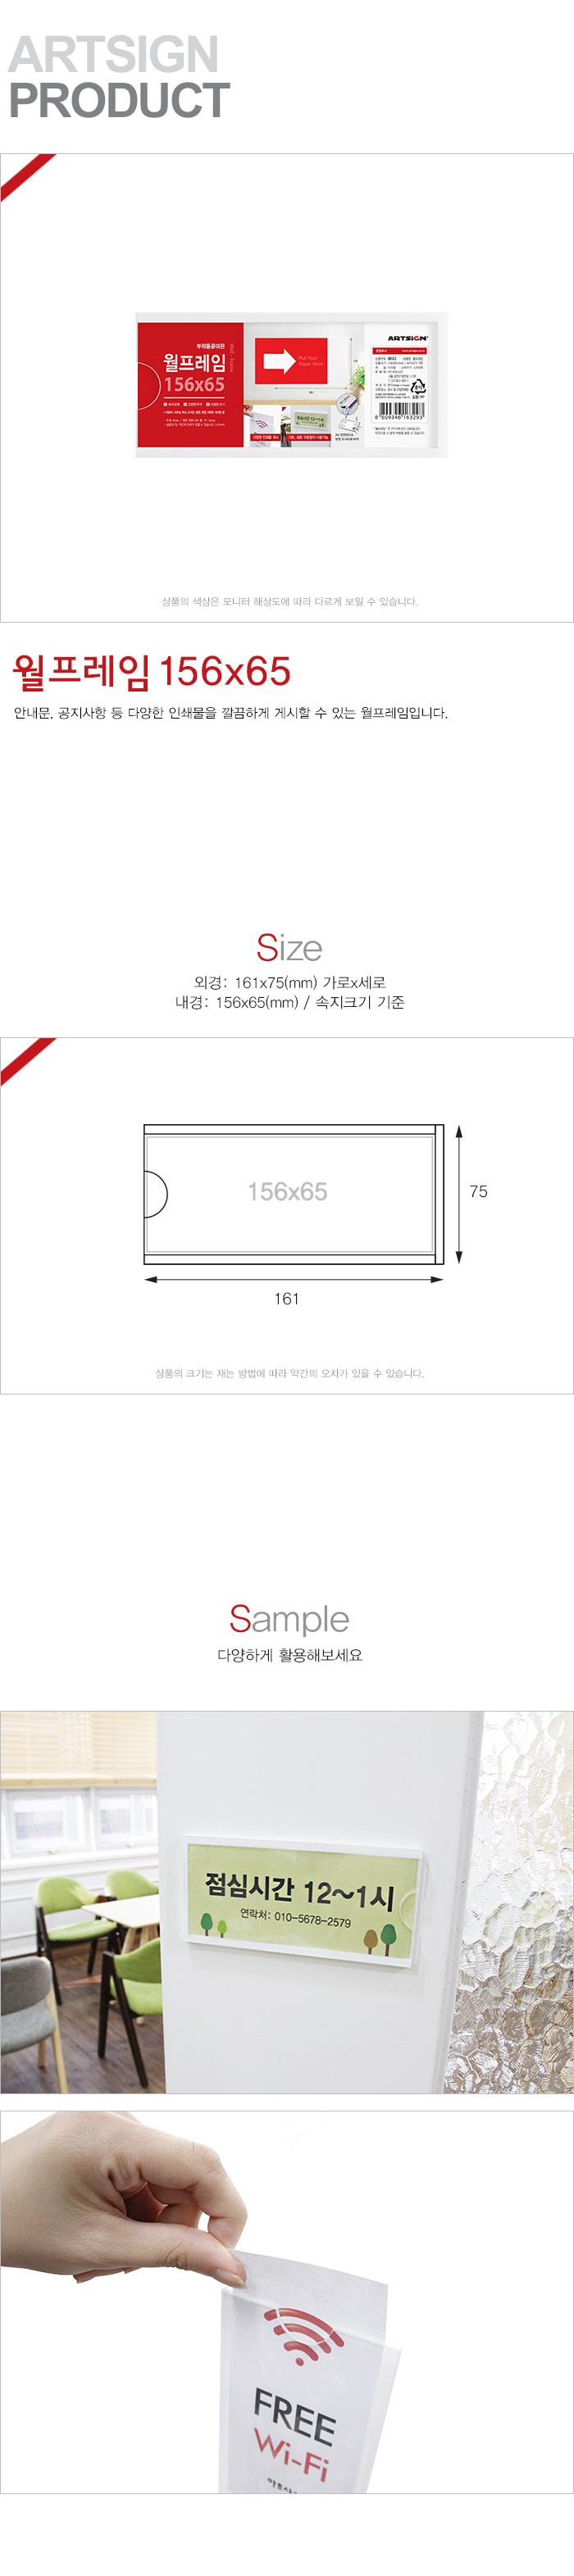 월프레임 신상(사이즈선택) - 아트사인, 2,800원, 데스크정리, 서류/파일홀더